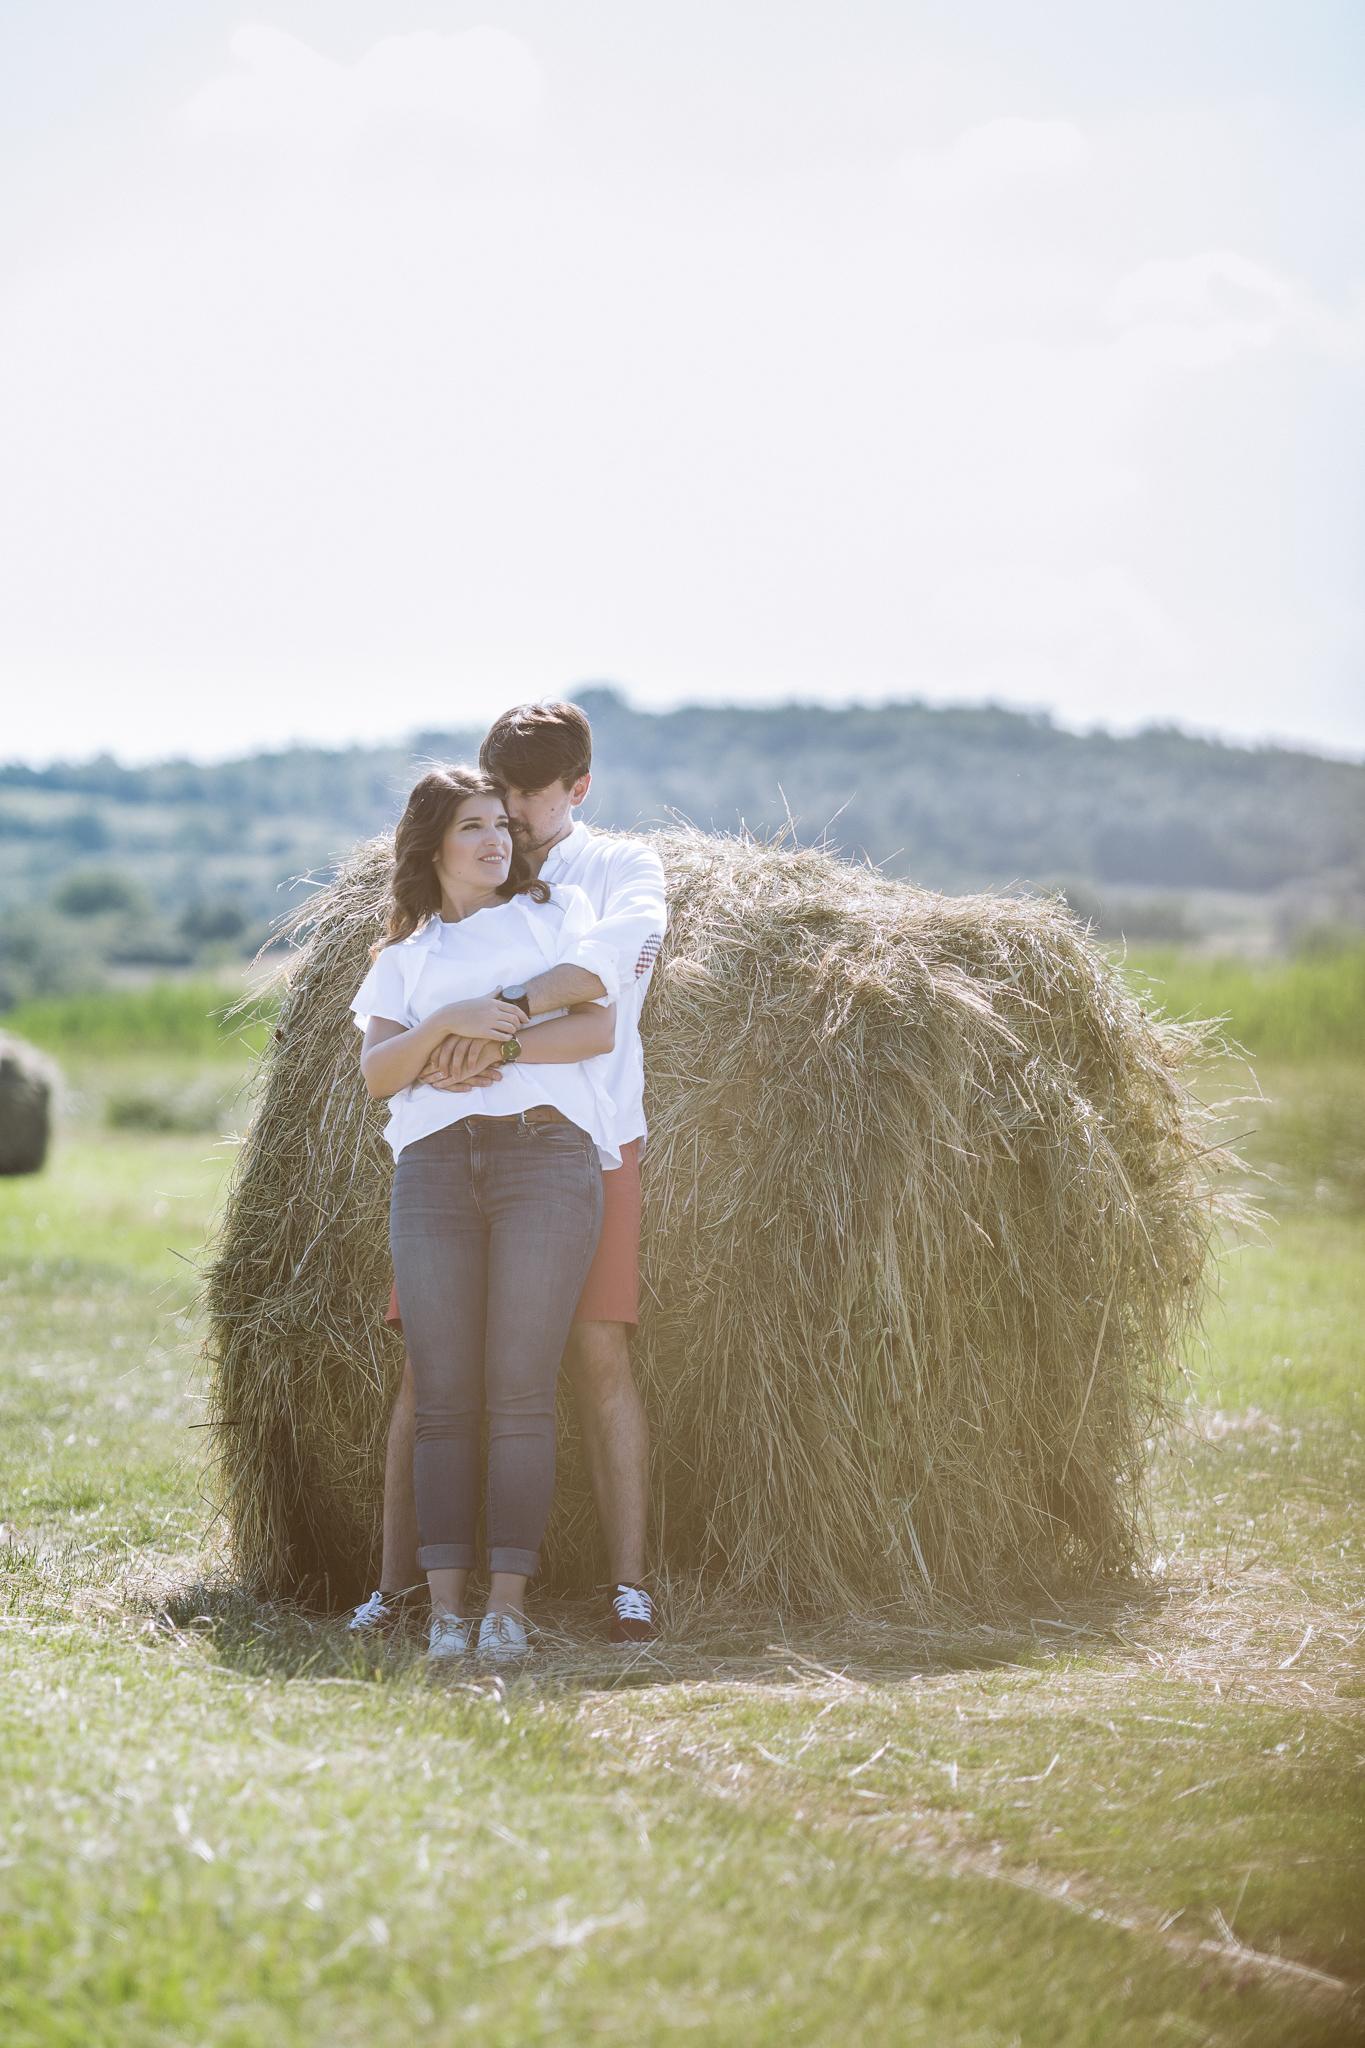 FylepPhoto, esküvőfotózás, magyarország, esküvői fotós, vasmegye, prémium, jegyesfotózás, Fülöp Péter, körmend, kreatív, tihany 16.jpg